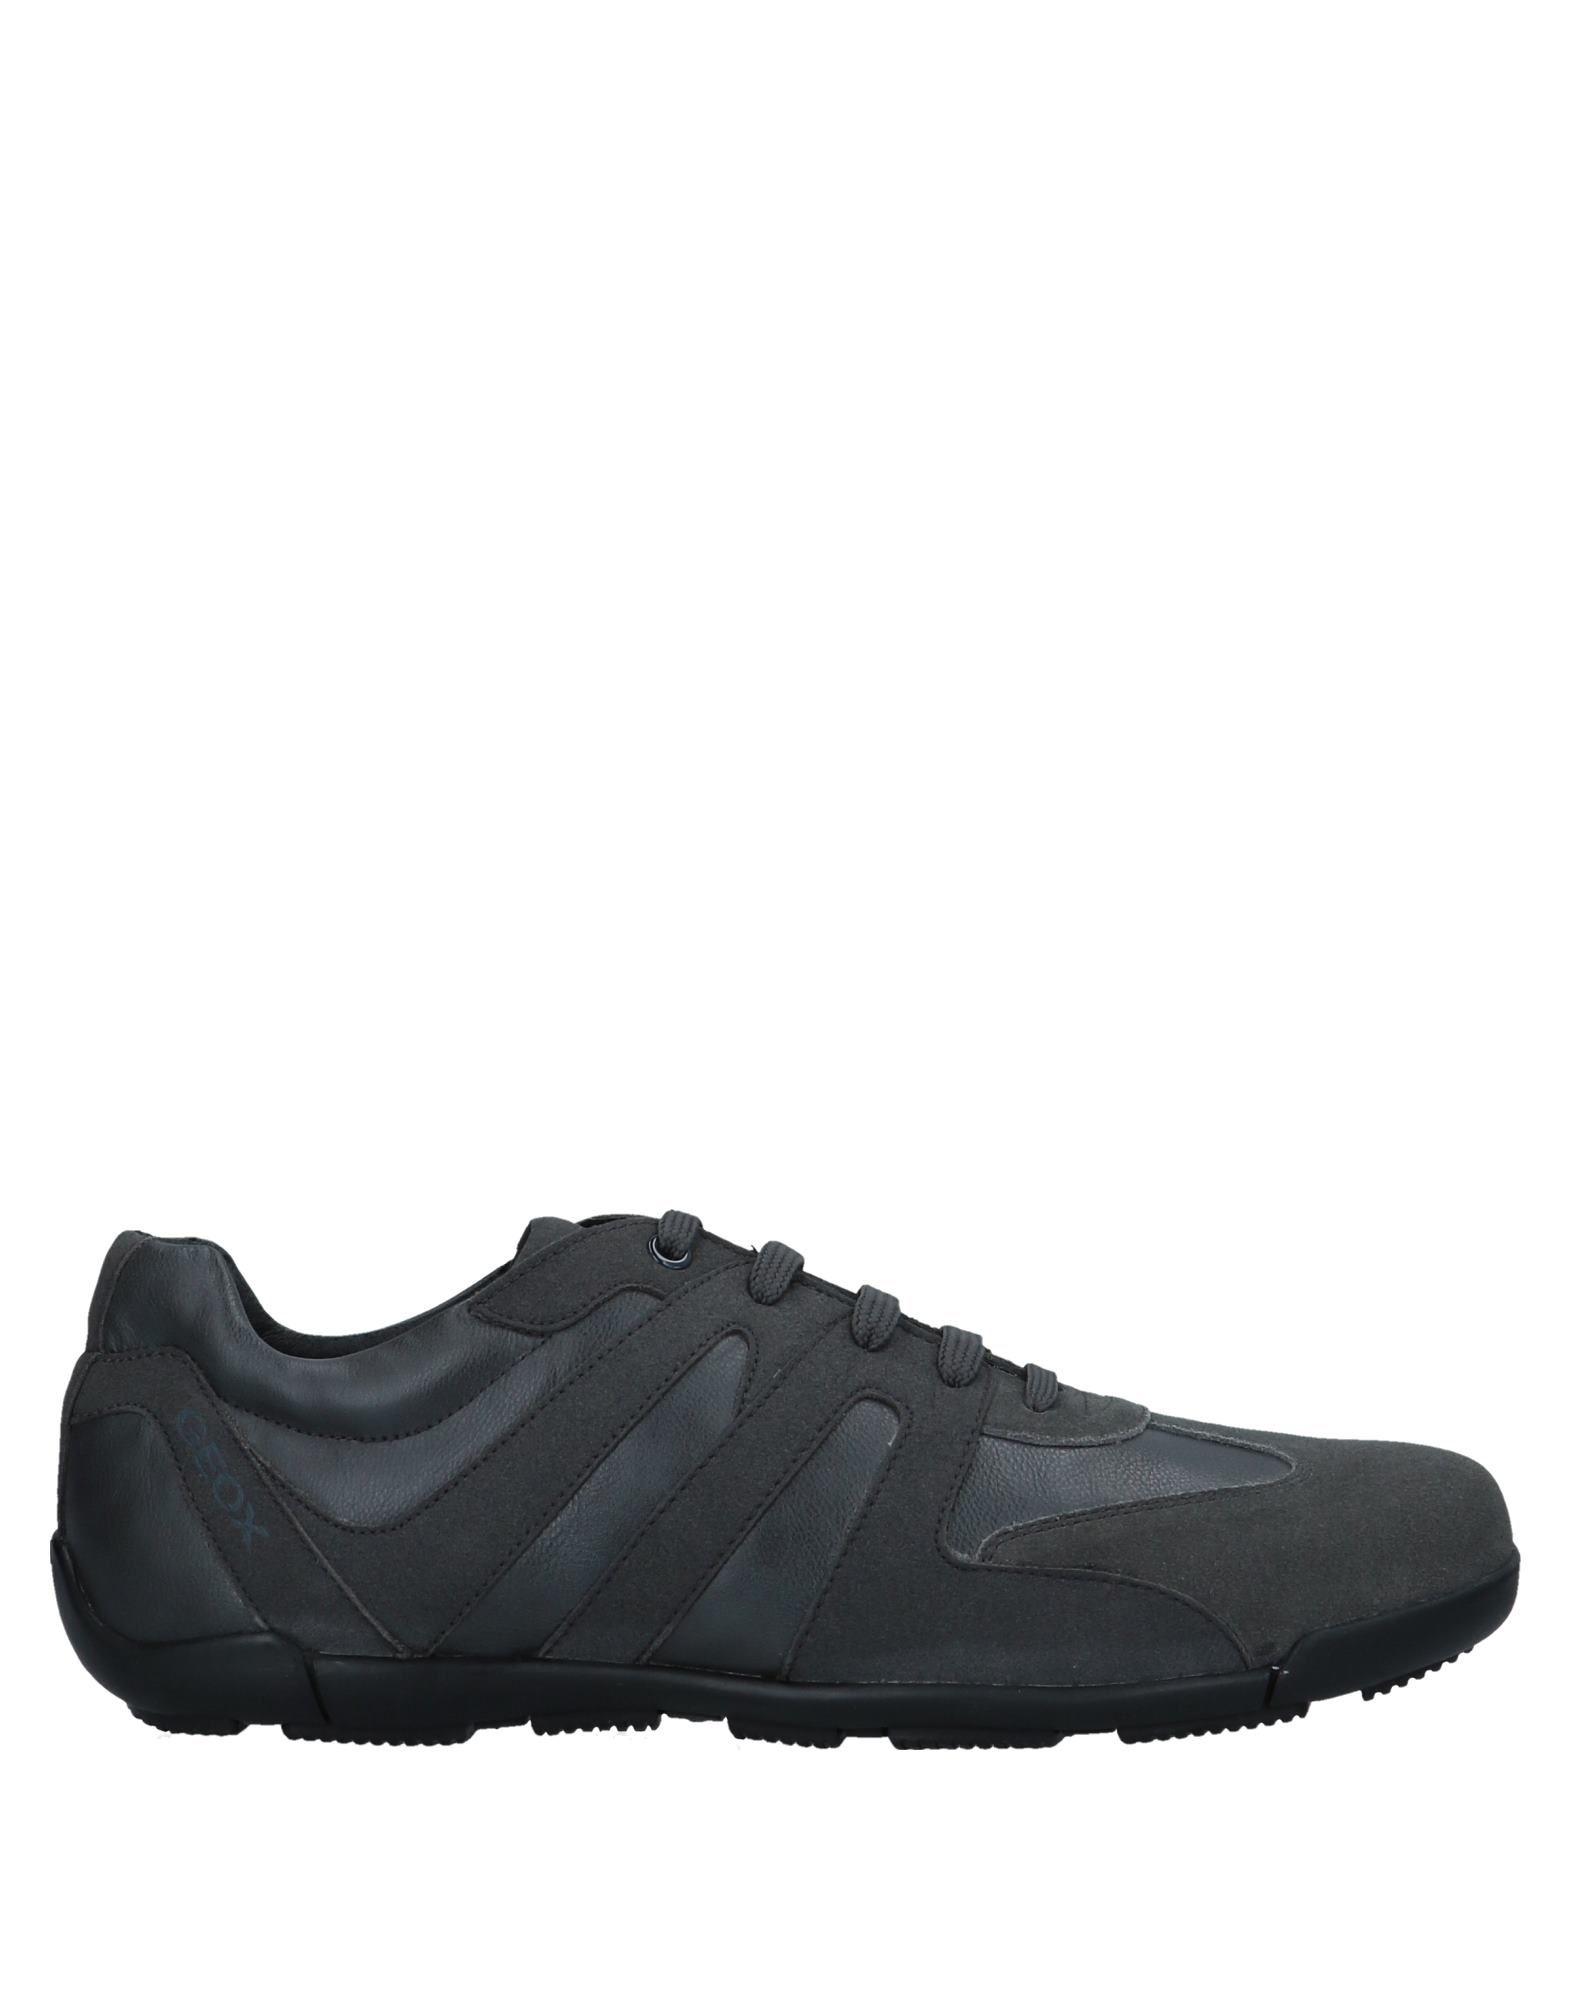 Sneakers Geox Homme - Sneakers Geox  Noir Confortable et belle